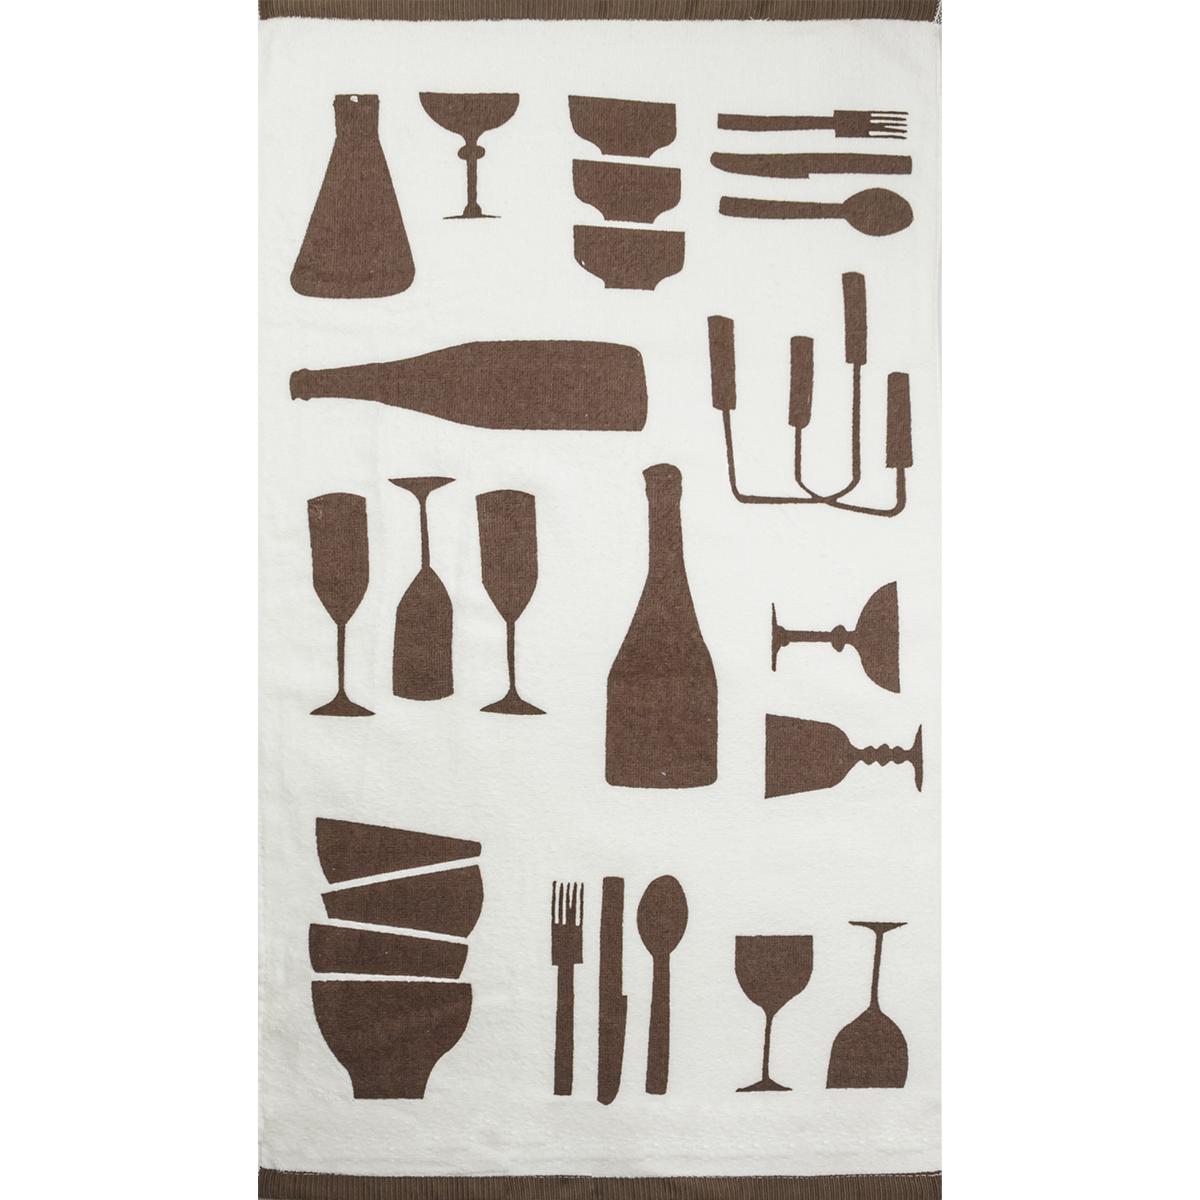 Велюровое полотенце Утварь, размер 40х70 смКухонные принадлежности<br><br><br>Тип: Полотенце<br>Размер: 40х70<br>Материал: Велюр